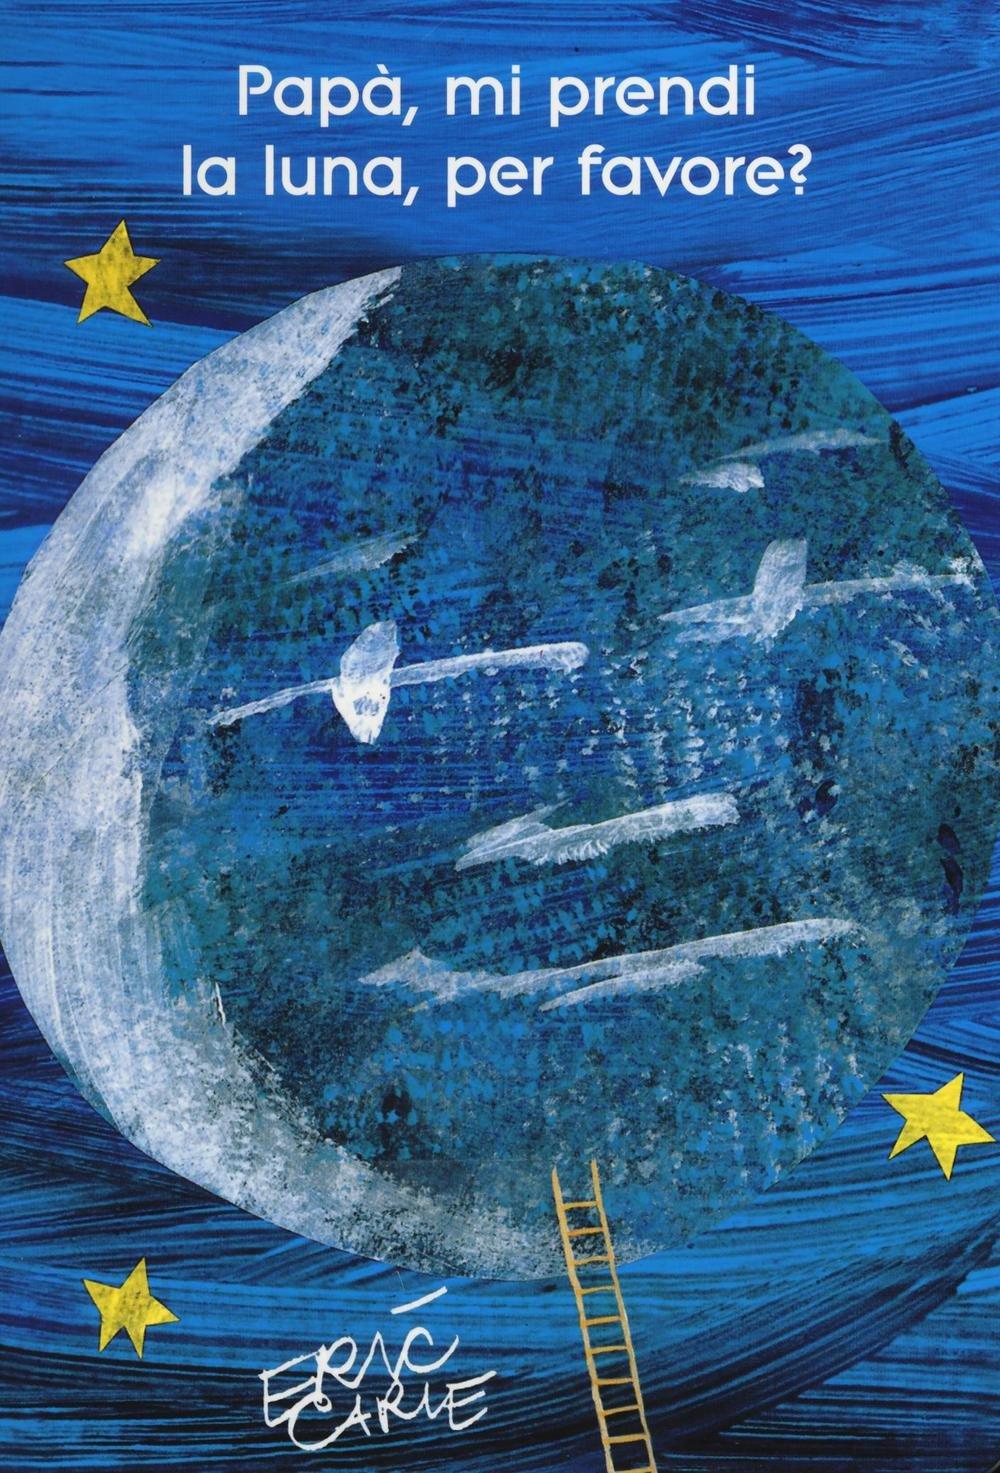 Papà, mi prendi la luna, per favore? Ediz. illustrata: Amazon.it: Carle, Eric, Reverso, Viviana: Libri